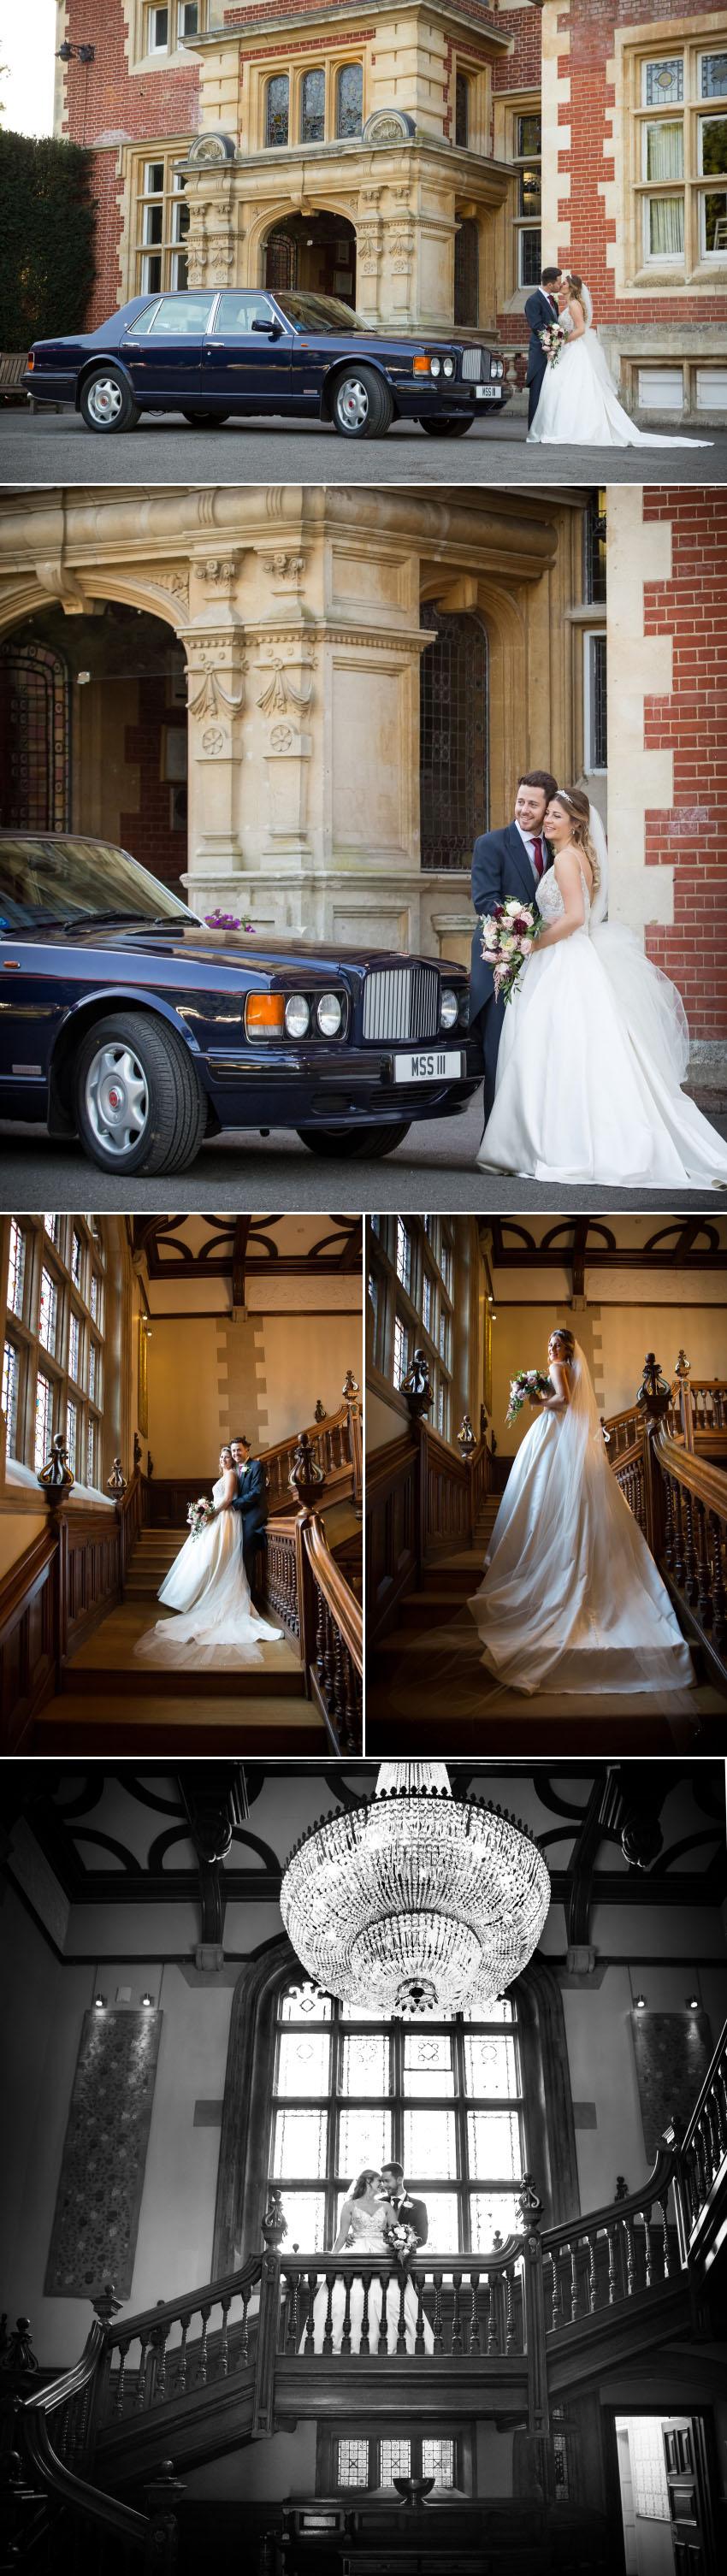 17_Pendley Manor wedding videography